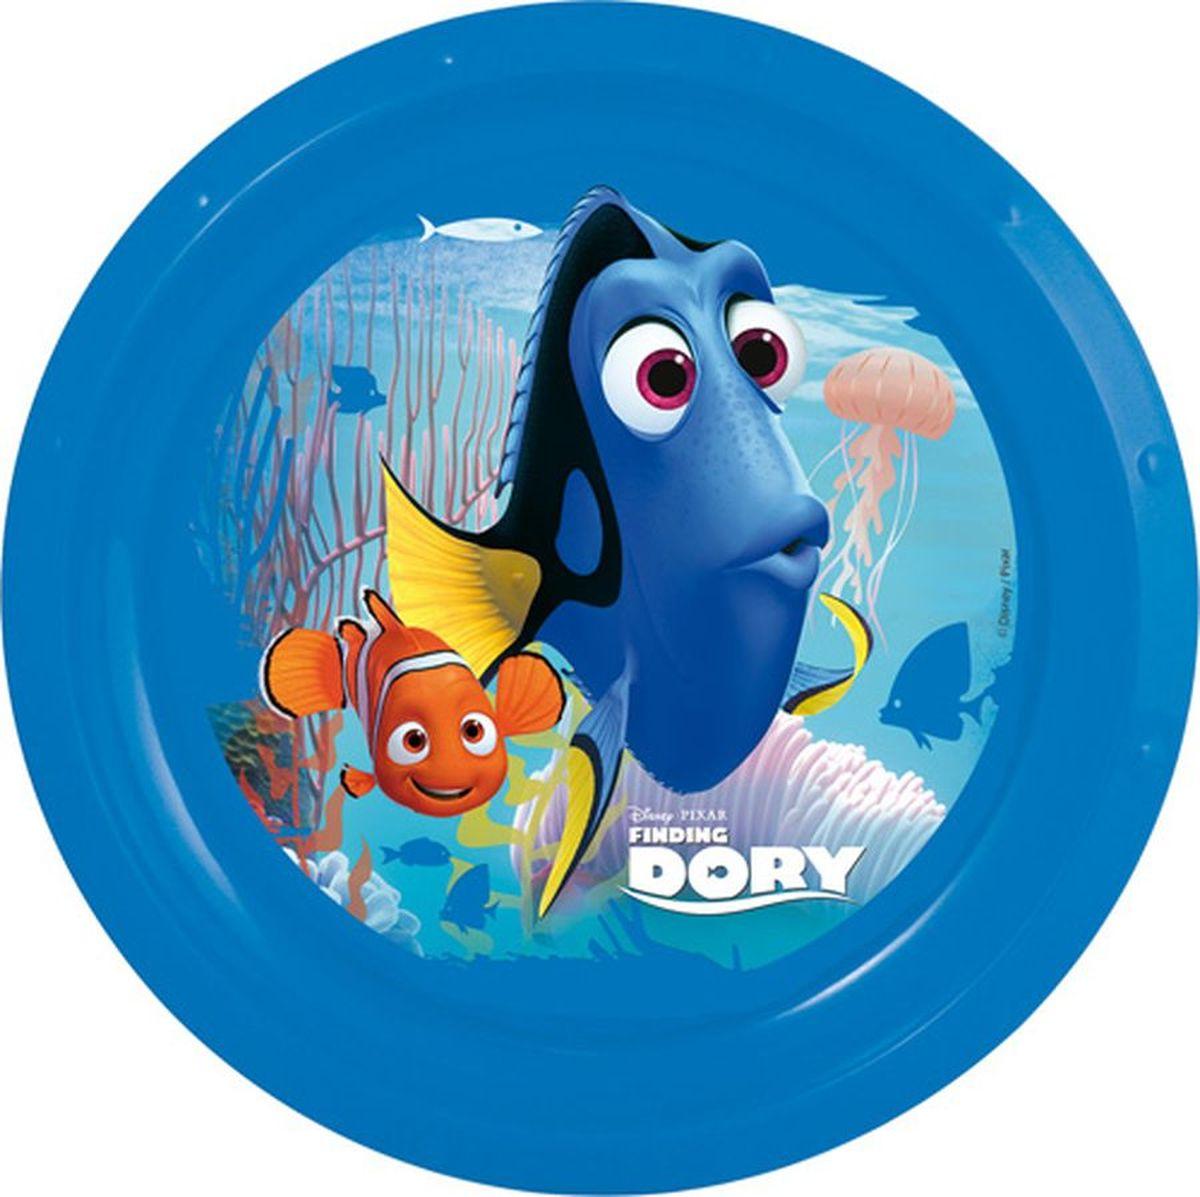 Disney Тарелка В поисках Дори диаметр 21,5 см115510Яркая тарелка Disney превратит процесс кормления вашего малыша в веселую игру. Дно оформлено изображением героев любимого мультфильма. Ваш ребенок будет кушать с большим удовольствием, стараясь быстрее добраться до картинки.